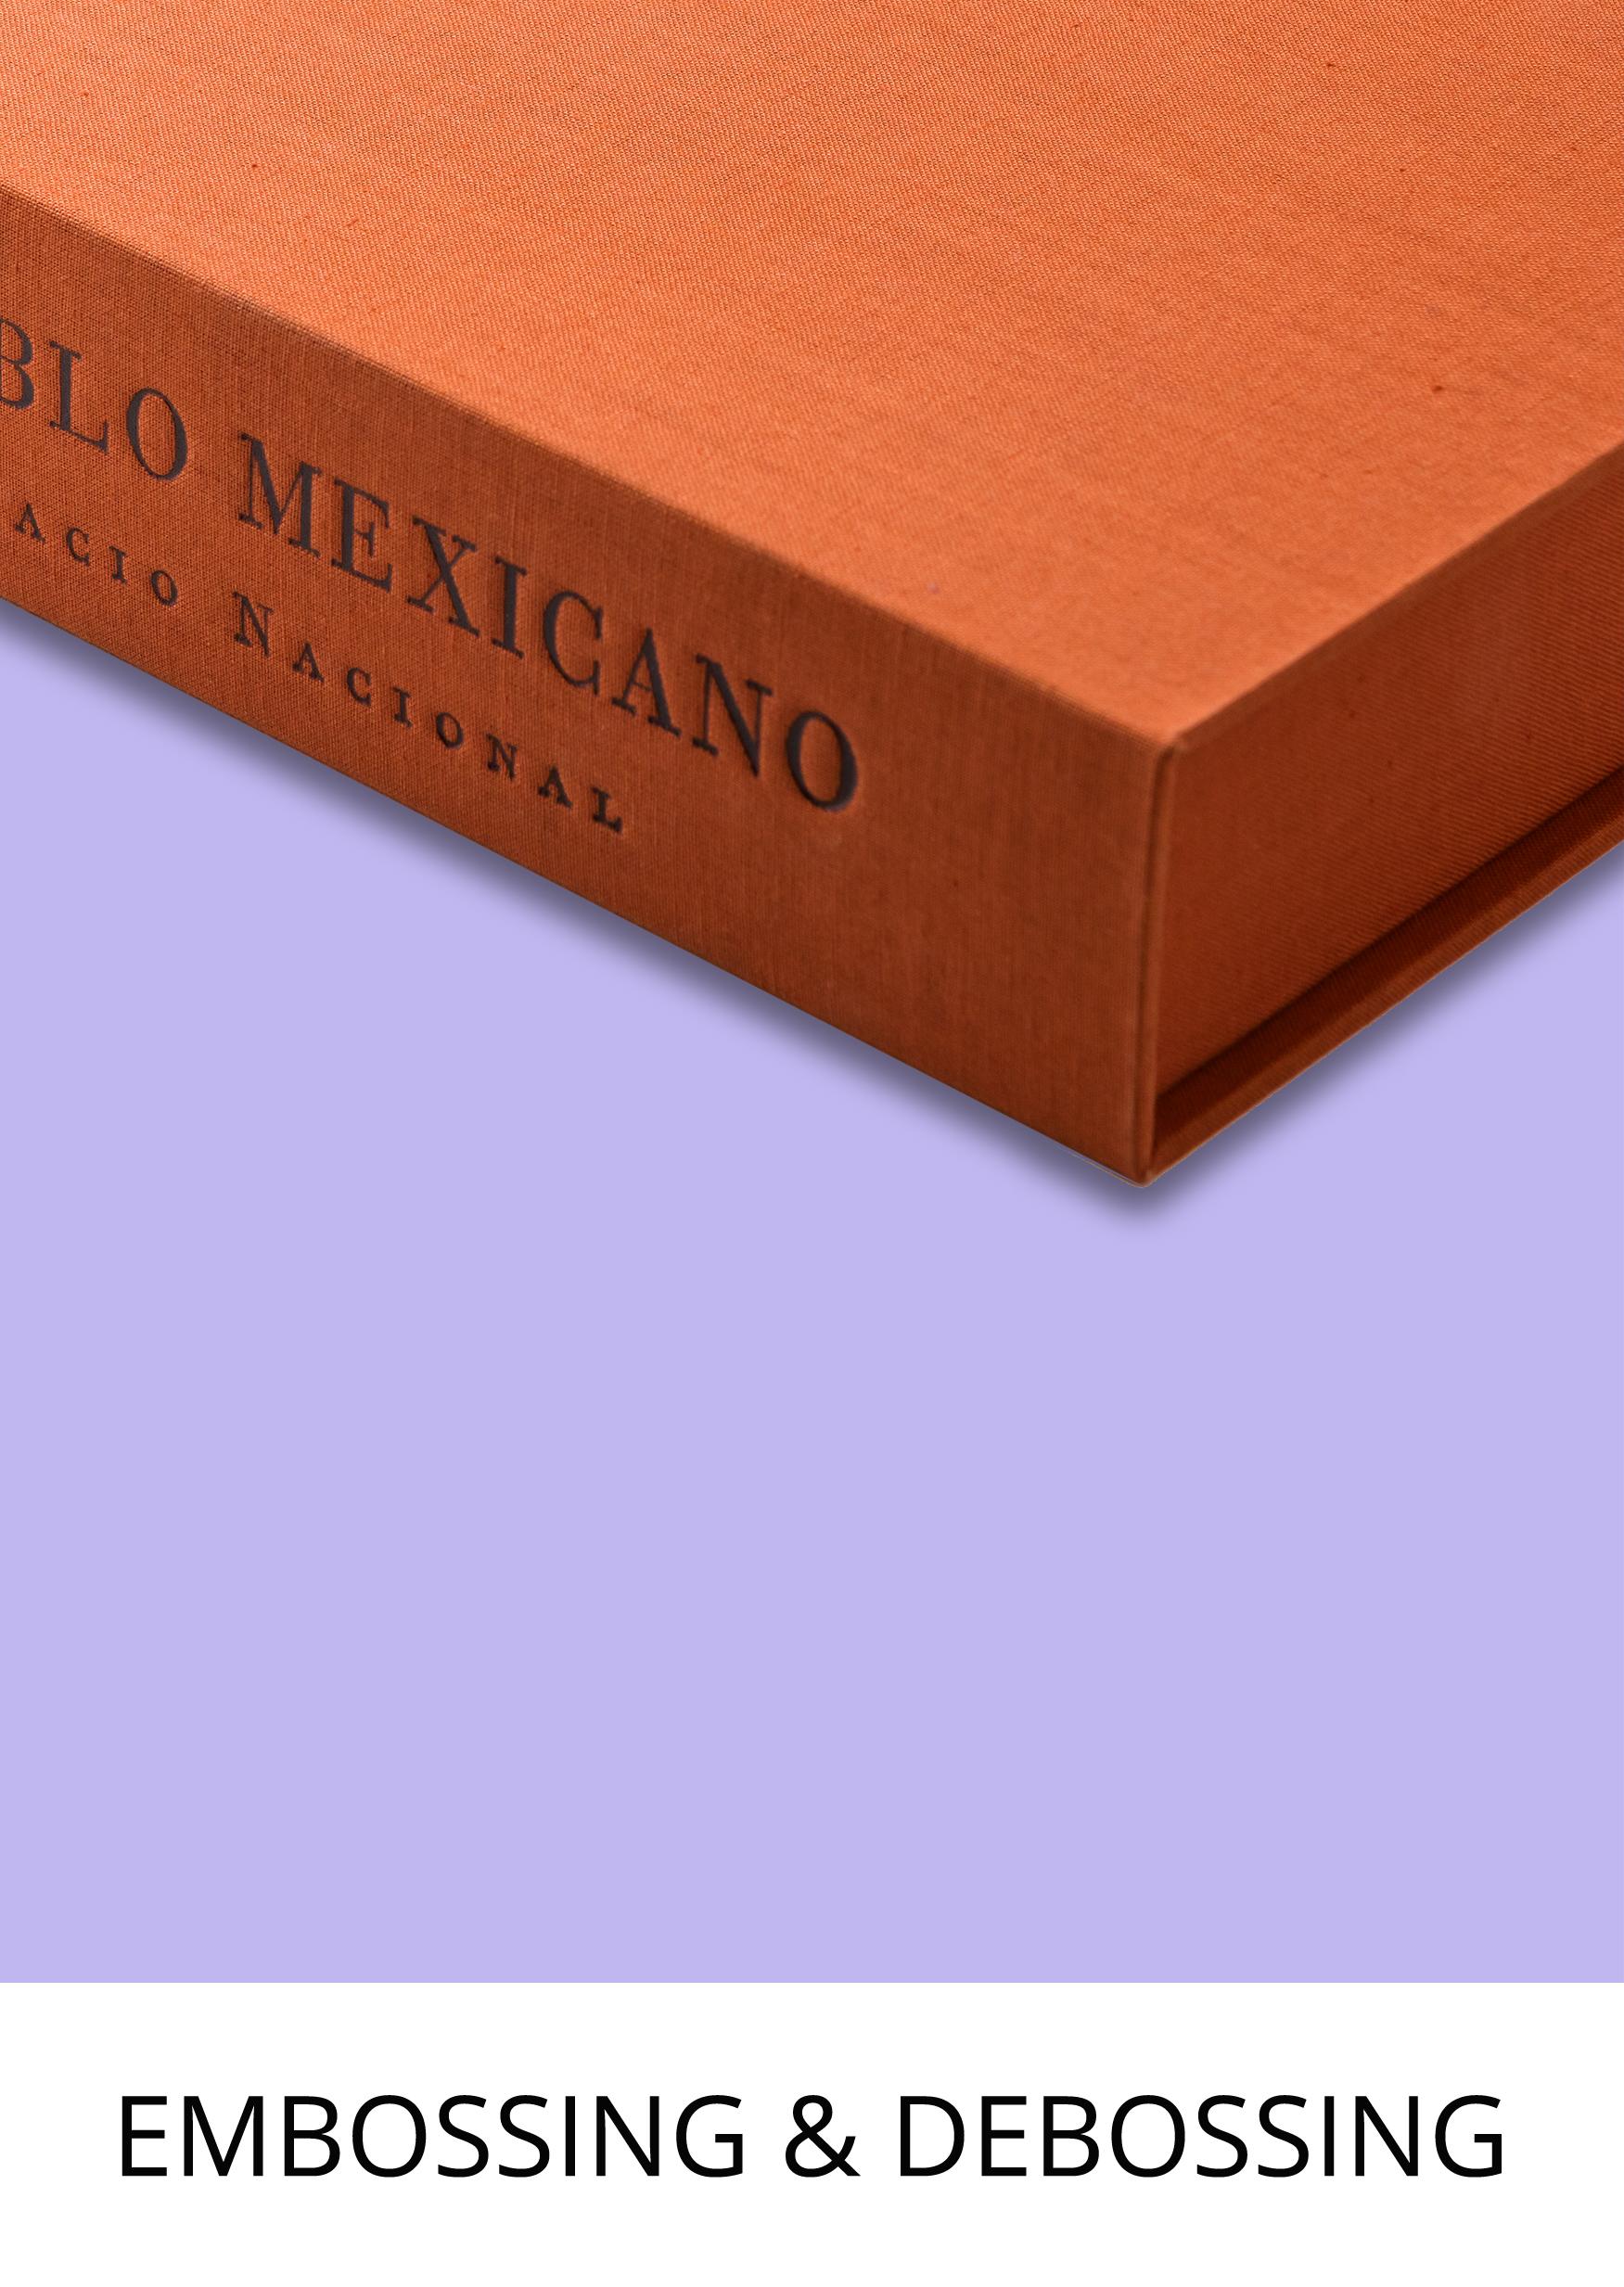 rigid-box-manufacturer